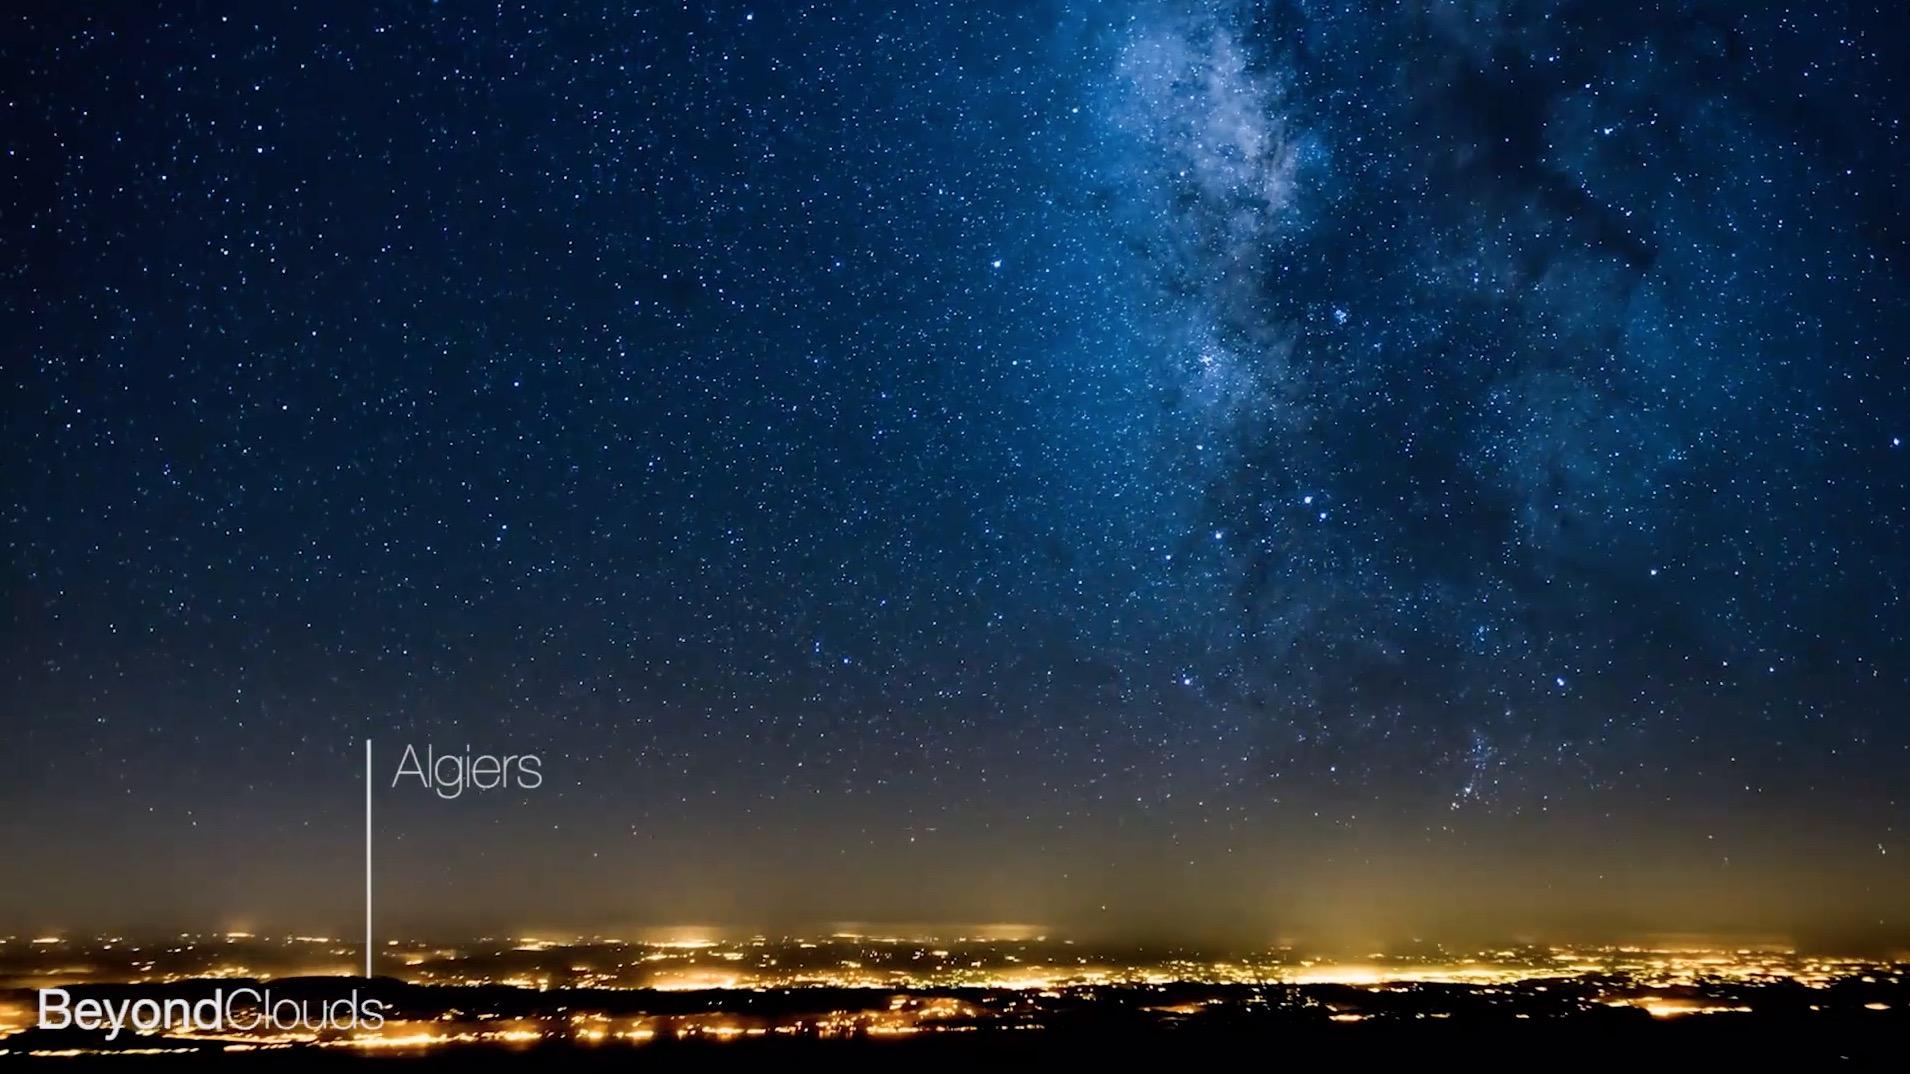 こんなに鮮明な天の川が、、夜間飛行のコックピットからの景色がまるで宇宙遊泳をしているよう